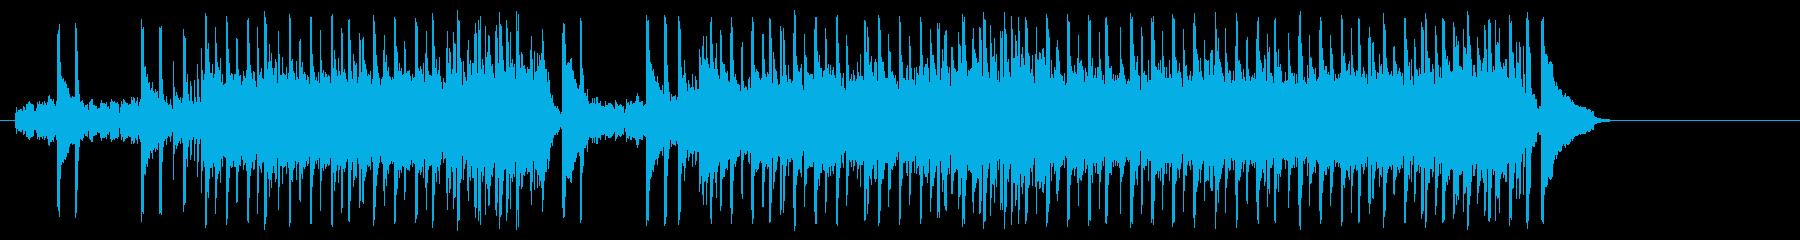 ポニーテールが揺れるようなR&Rの再生済みの波形